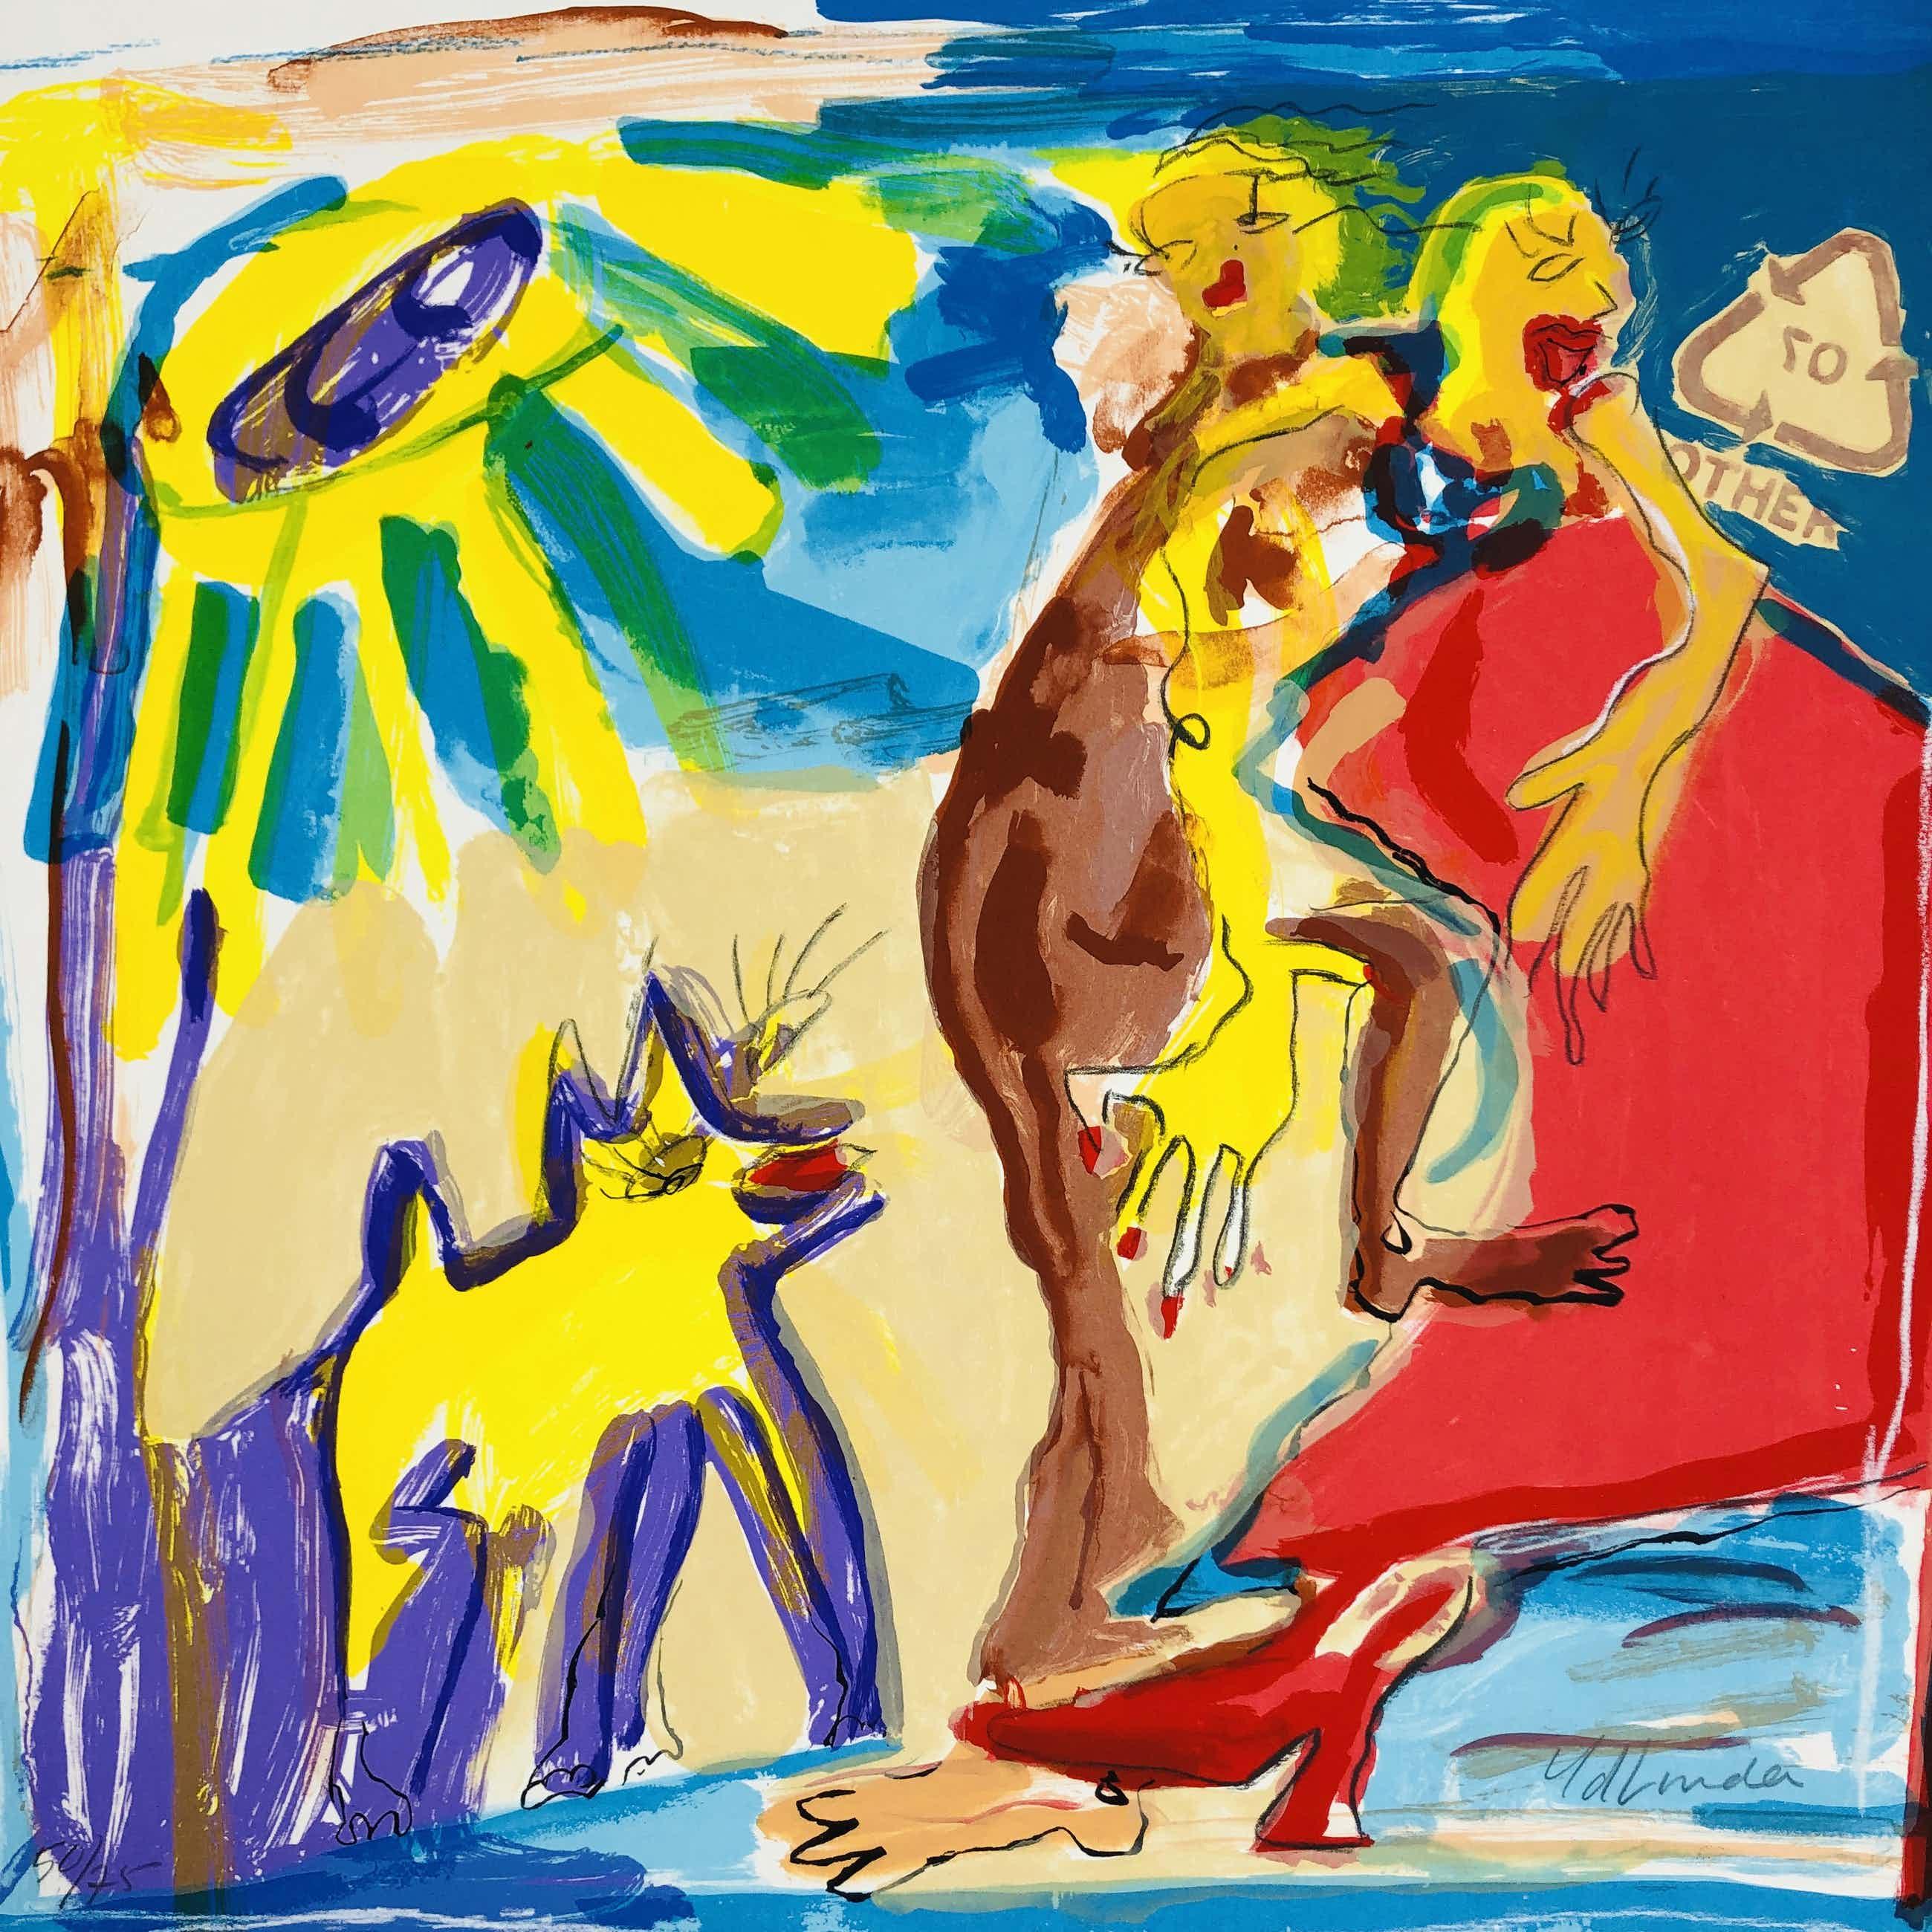 Hetty van der Linden - Together in the sun kopen? Bied vanaf 75!